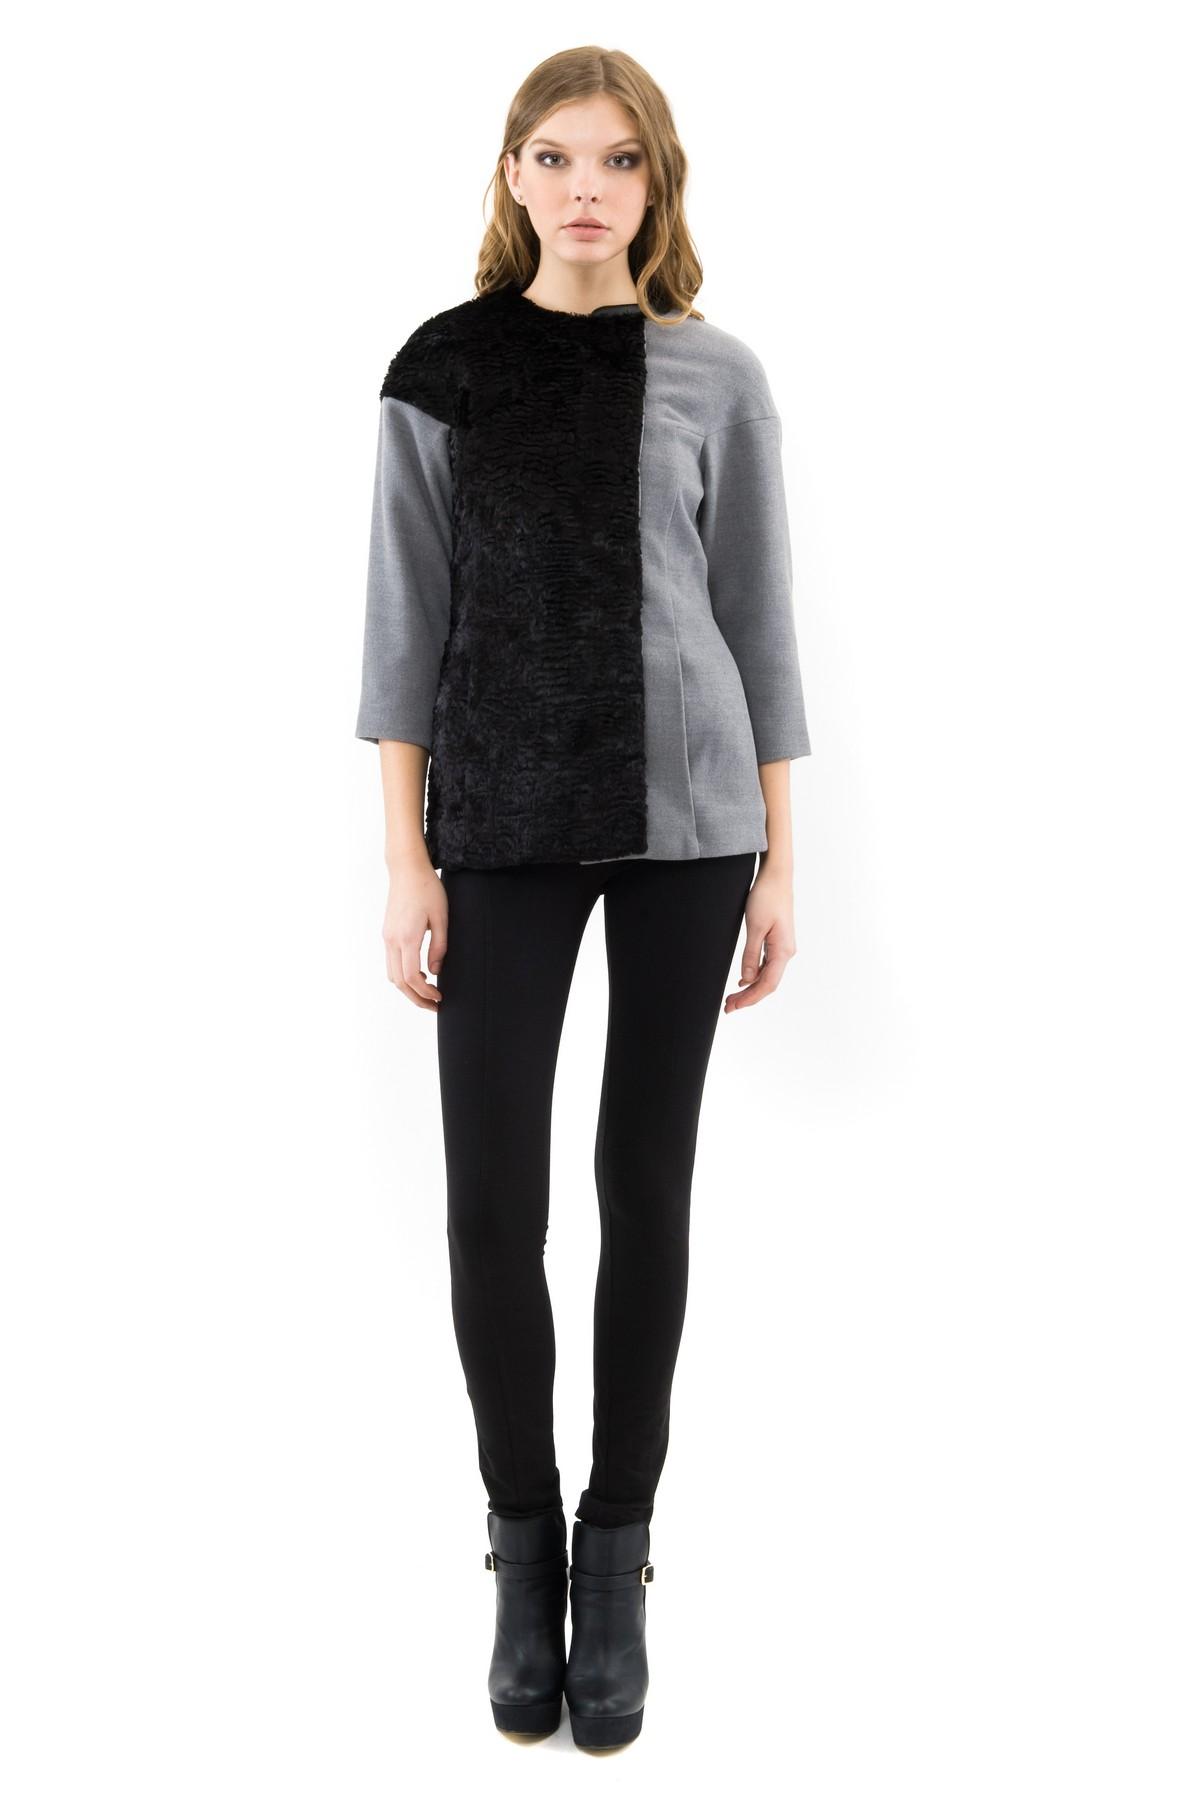 КурткаЖенские куртки, плащи, пальто<br>Потрясающая куртка подчеркнет Ваш элегантный и женственный образ. Выполнено  из сукна и дополнено отделкой из искусственного каракуля и кож.зама. Благодаря своему необычному дизайну изделие займет достойное место в Вашем гардеробе.<br><br>Цвет: серый,черный<br>Состав: ткань1 - 60% ацетат, 21% полиэстер, 19% хлопок, ткань2 - 90% полиэстер,8% вискоза, 2% лайкра, подкладка -54%полиэстер, 46% вискоза<br>Размер: 44,46,48,50,52,54,56,58,60<br>Страна дизайна: Россия<br>Страна производства: Россия